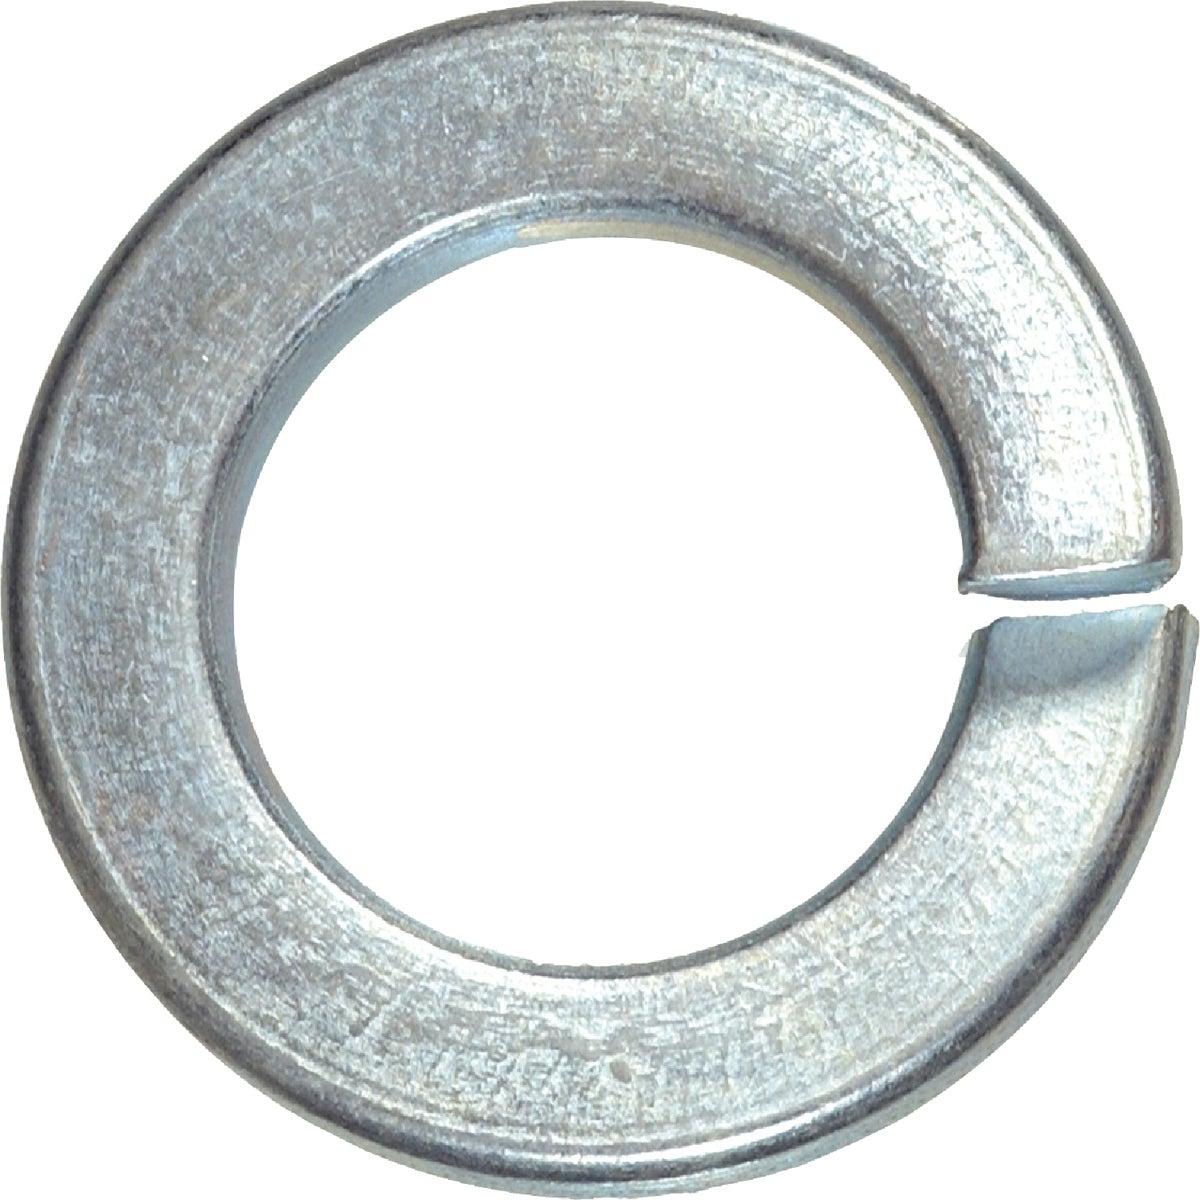 """100PC 1/4"""" LOCK WASHER - 300018 by Hillman Fastener"""